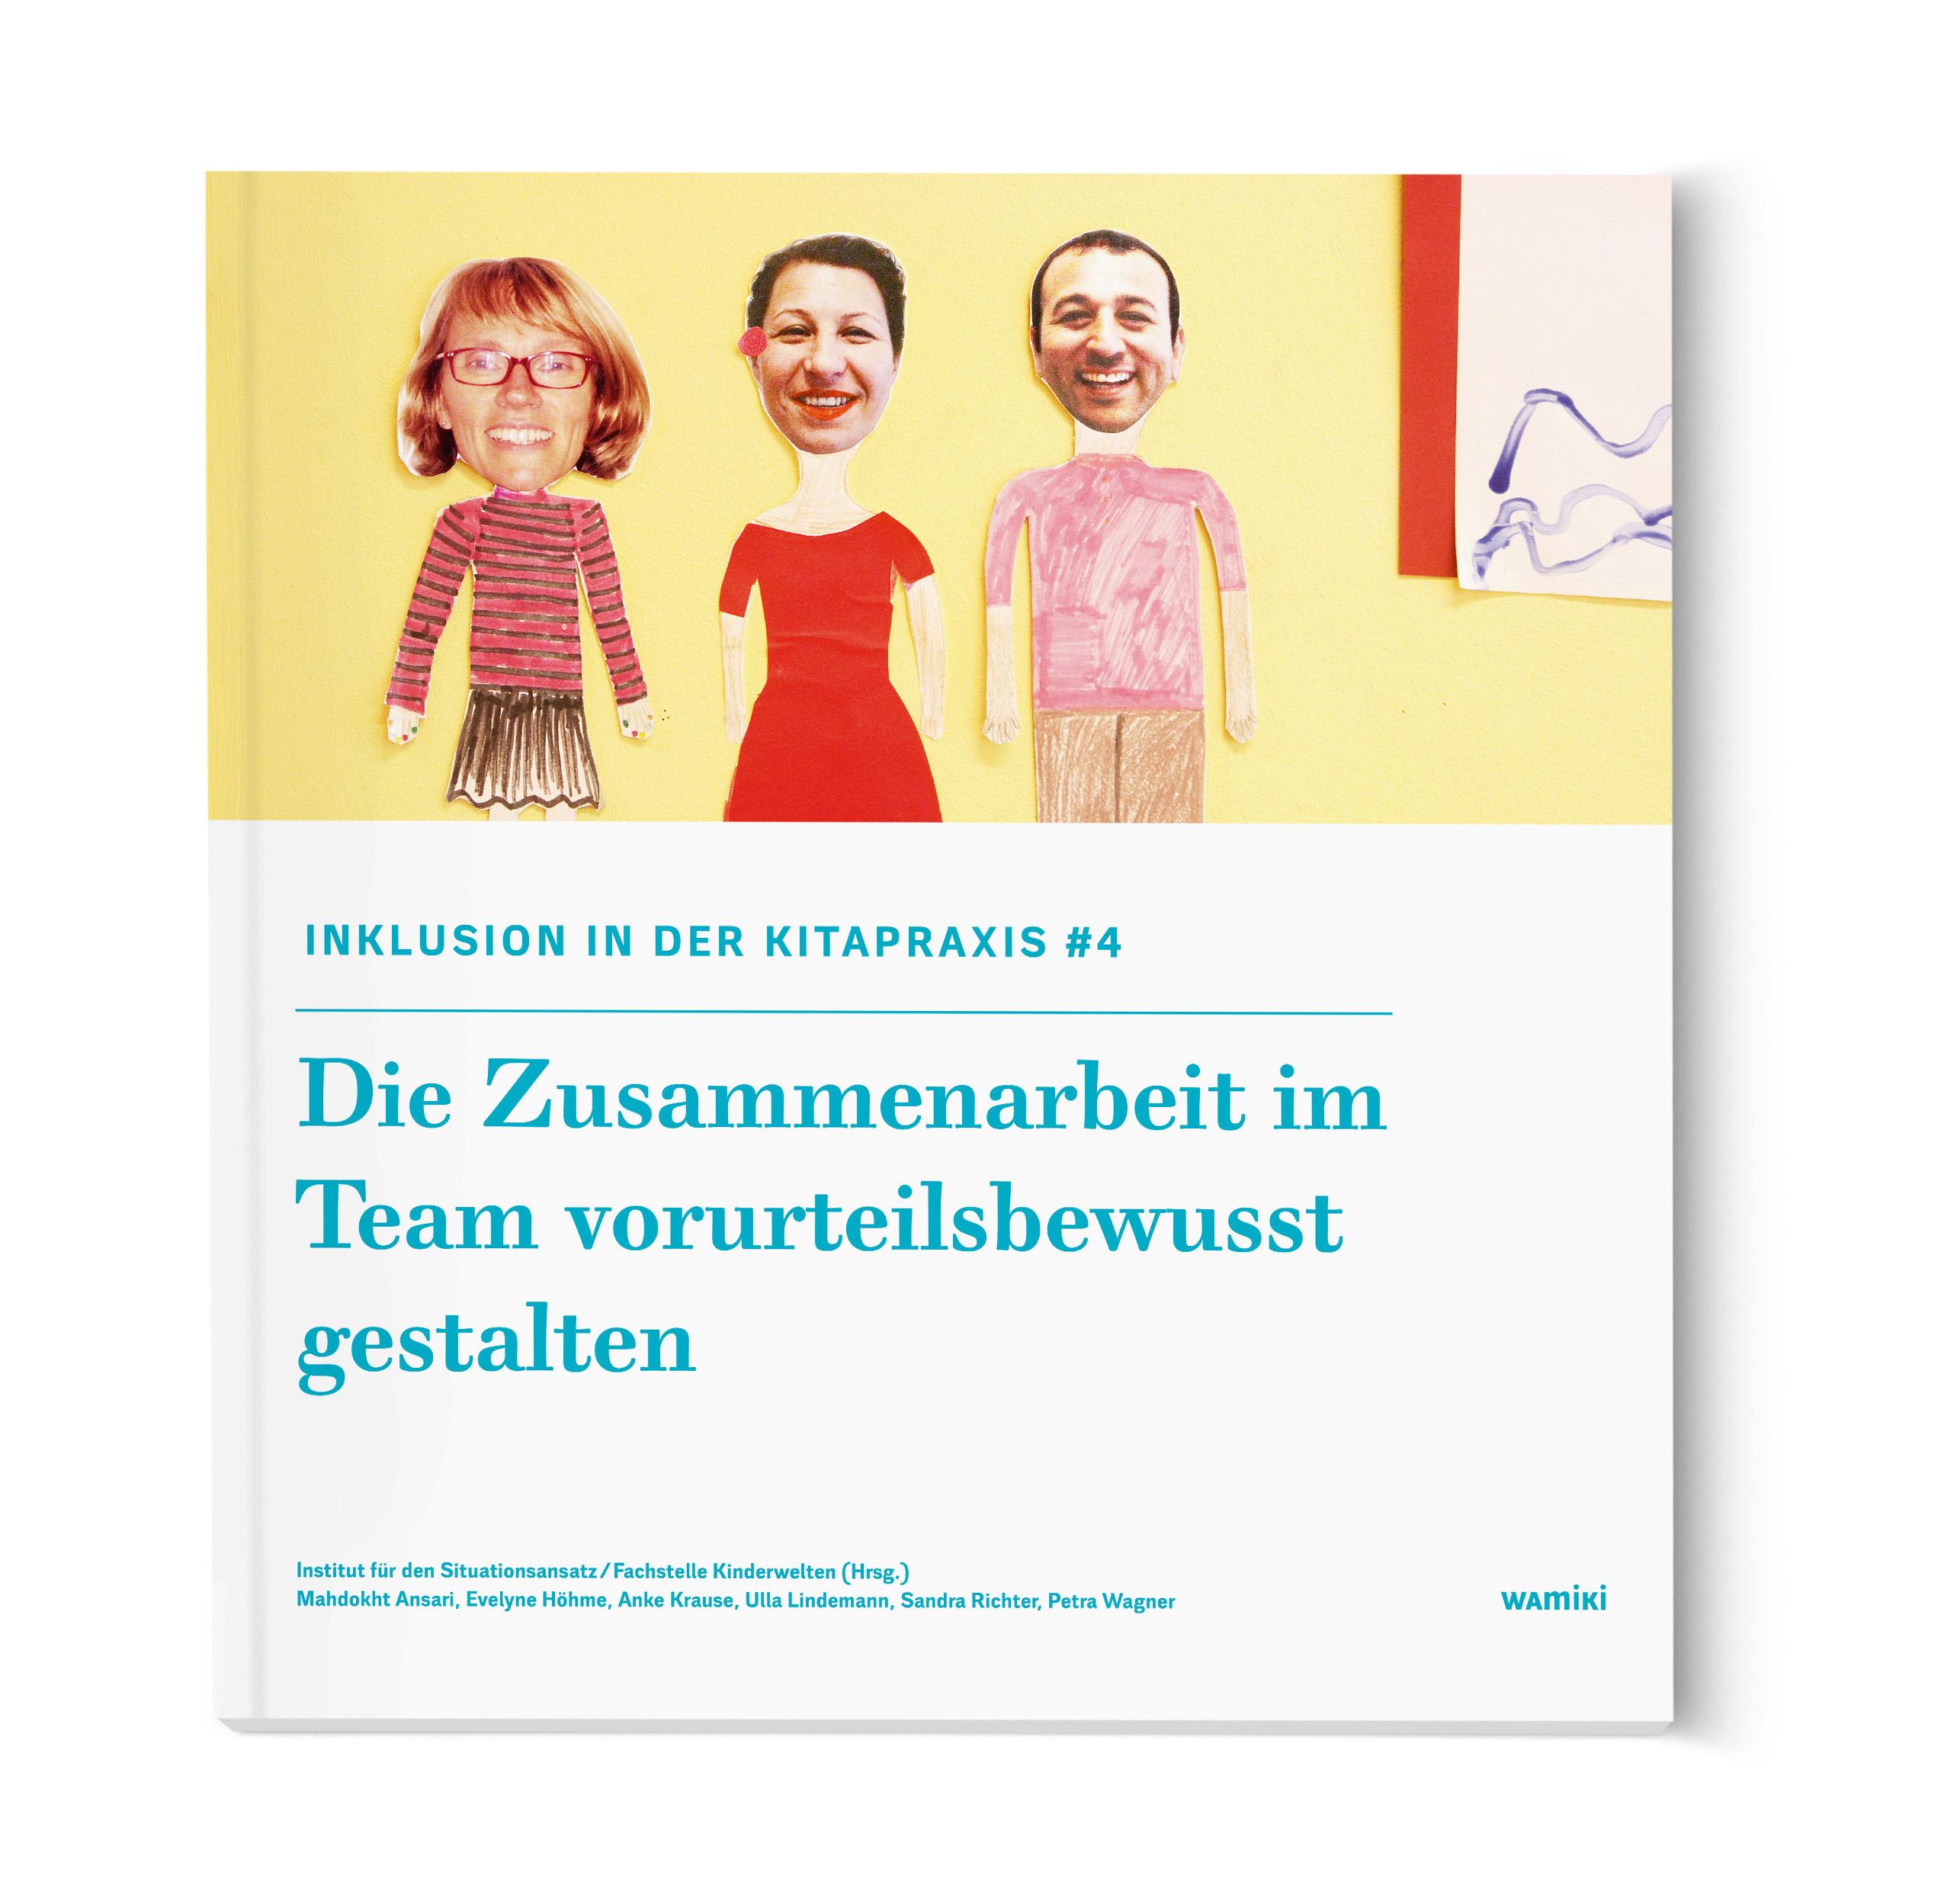 Inklusion in der Kitapraxis - Die Zusammenarbeit im Team vorurteilsbewust gestalten